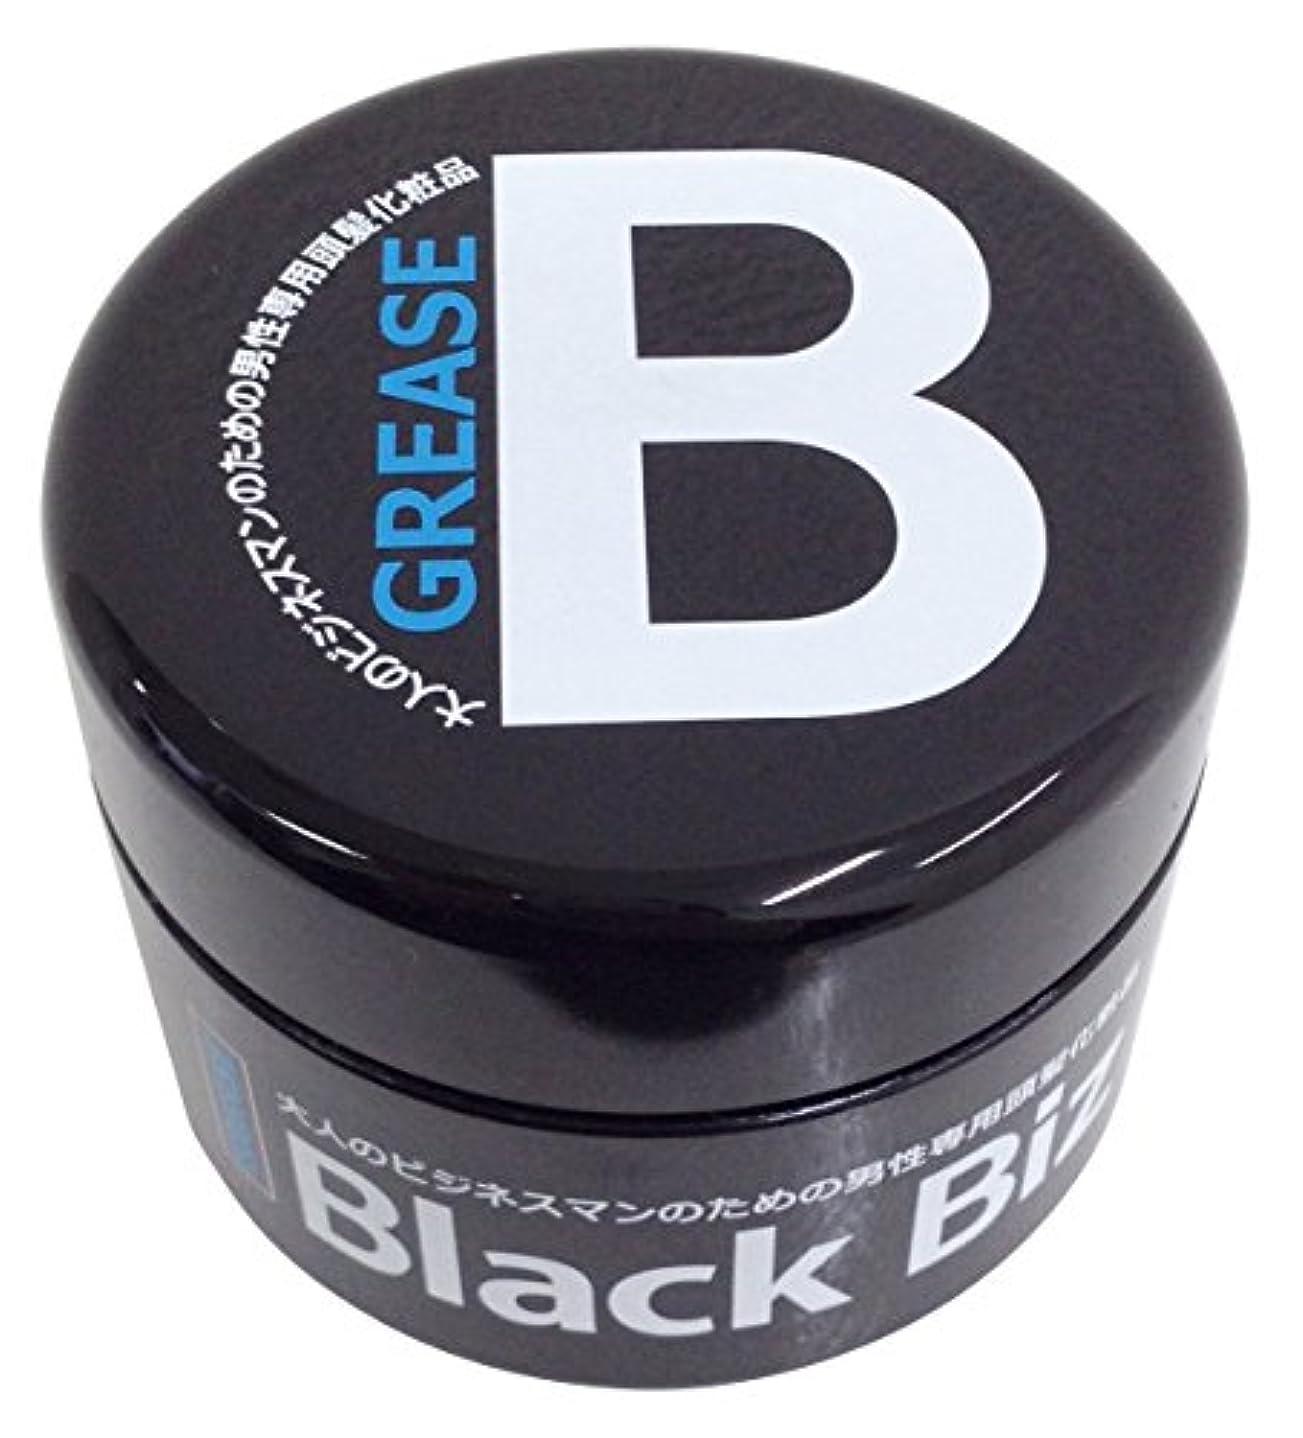 安西準備インサート大人のビジネスマンのための男性専用頭髪化粧品 BlackBiz GREASE SOFT ブラックビズ グリース ソフト